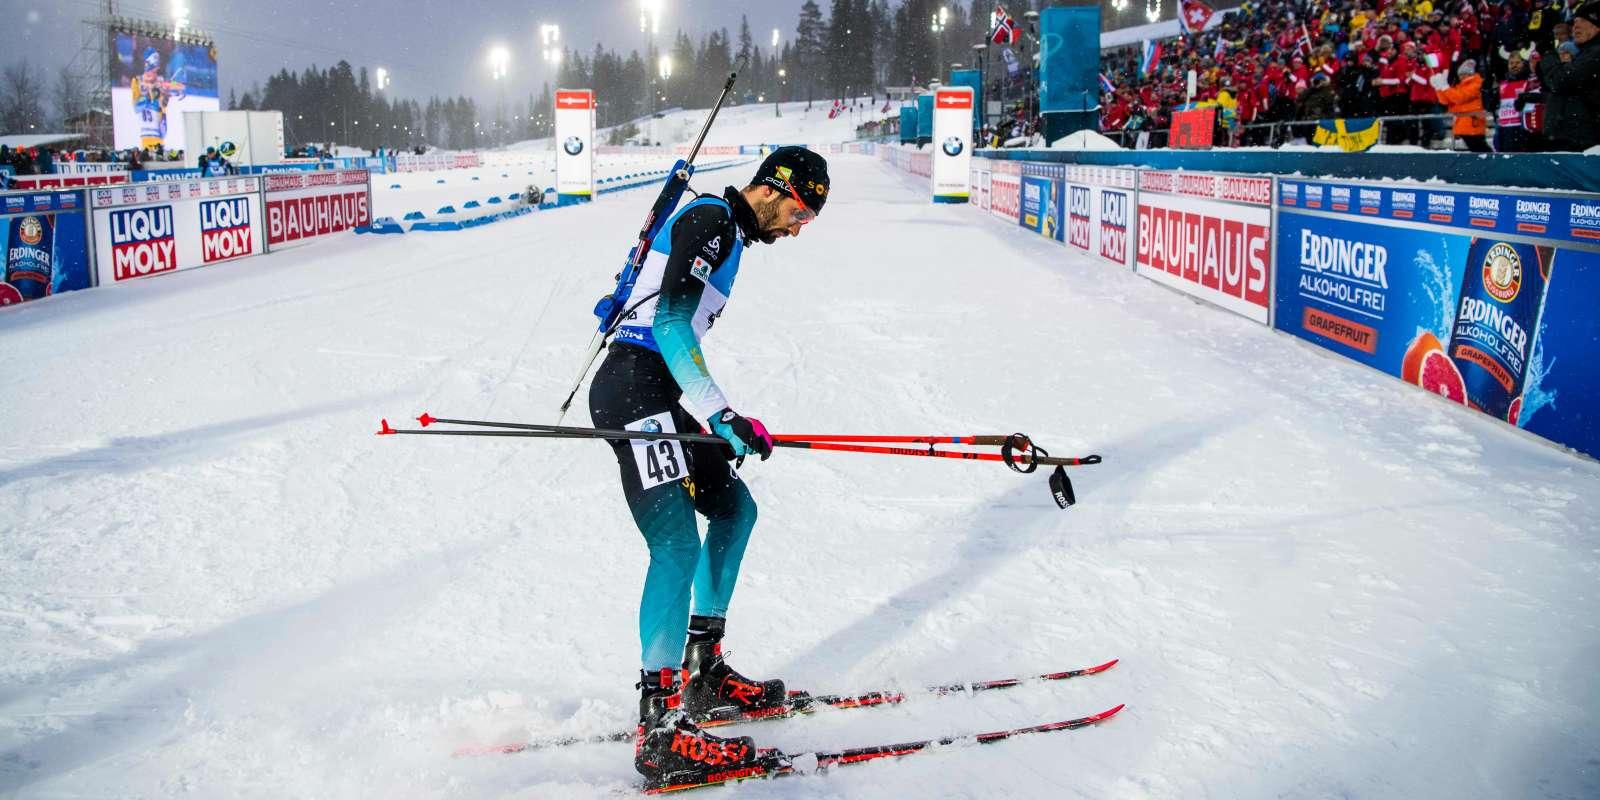 Martin Fourcade et l'équipe de Francemasculine de relais sont en course samedi.